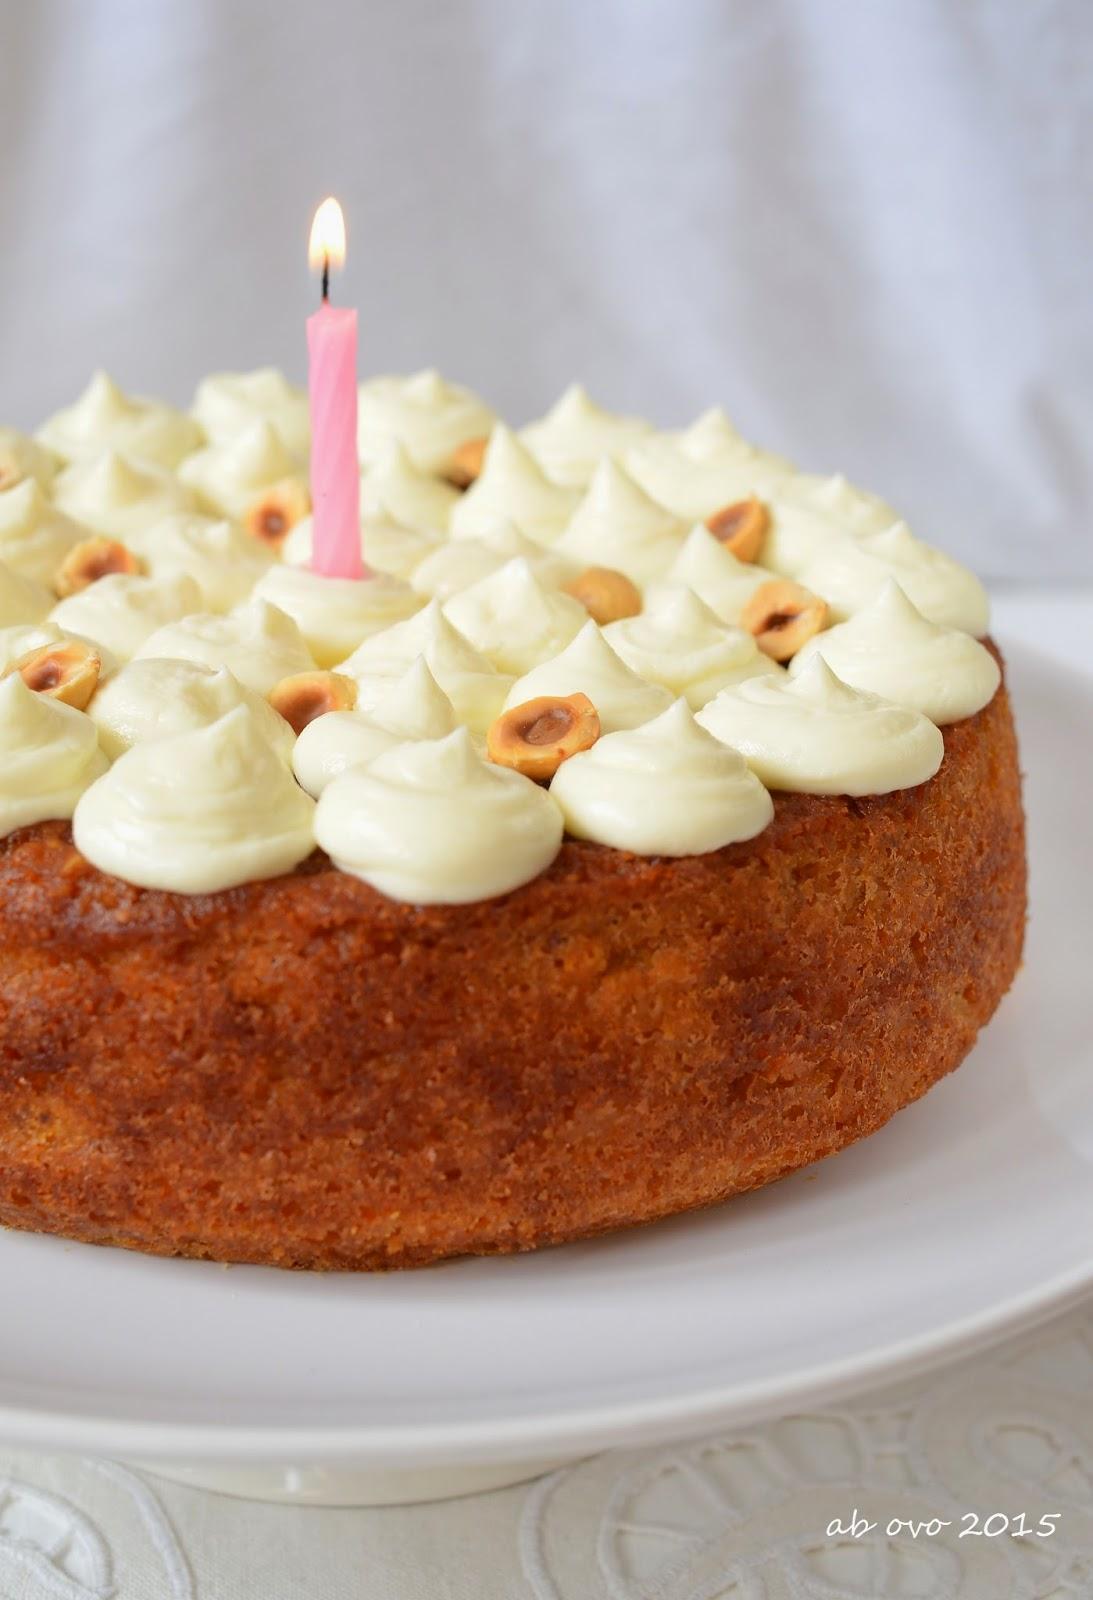 Torta-carote-e-nocciole-carrot-cake